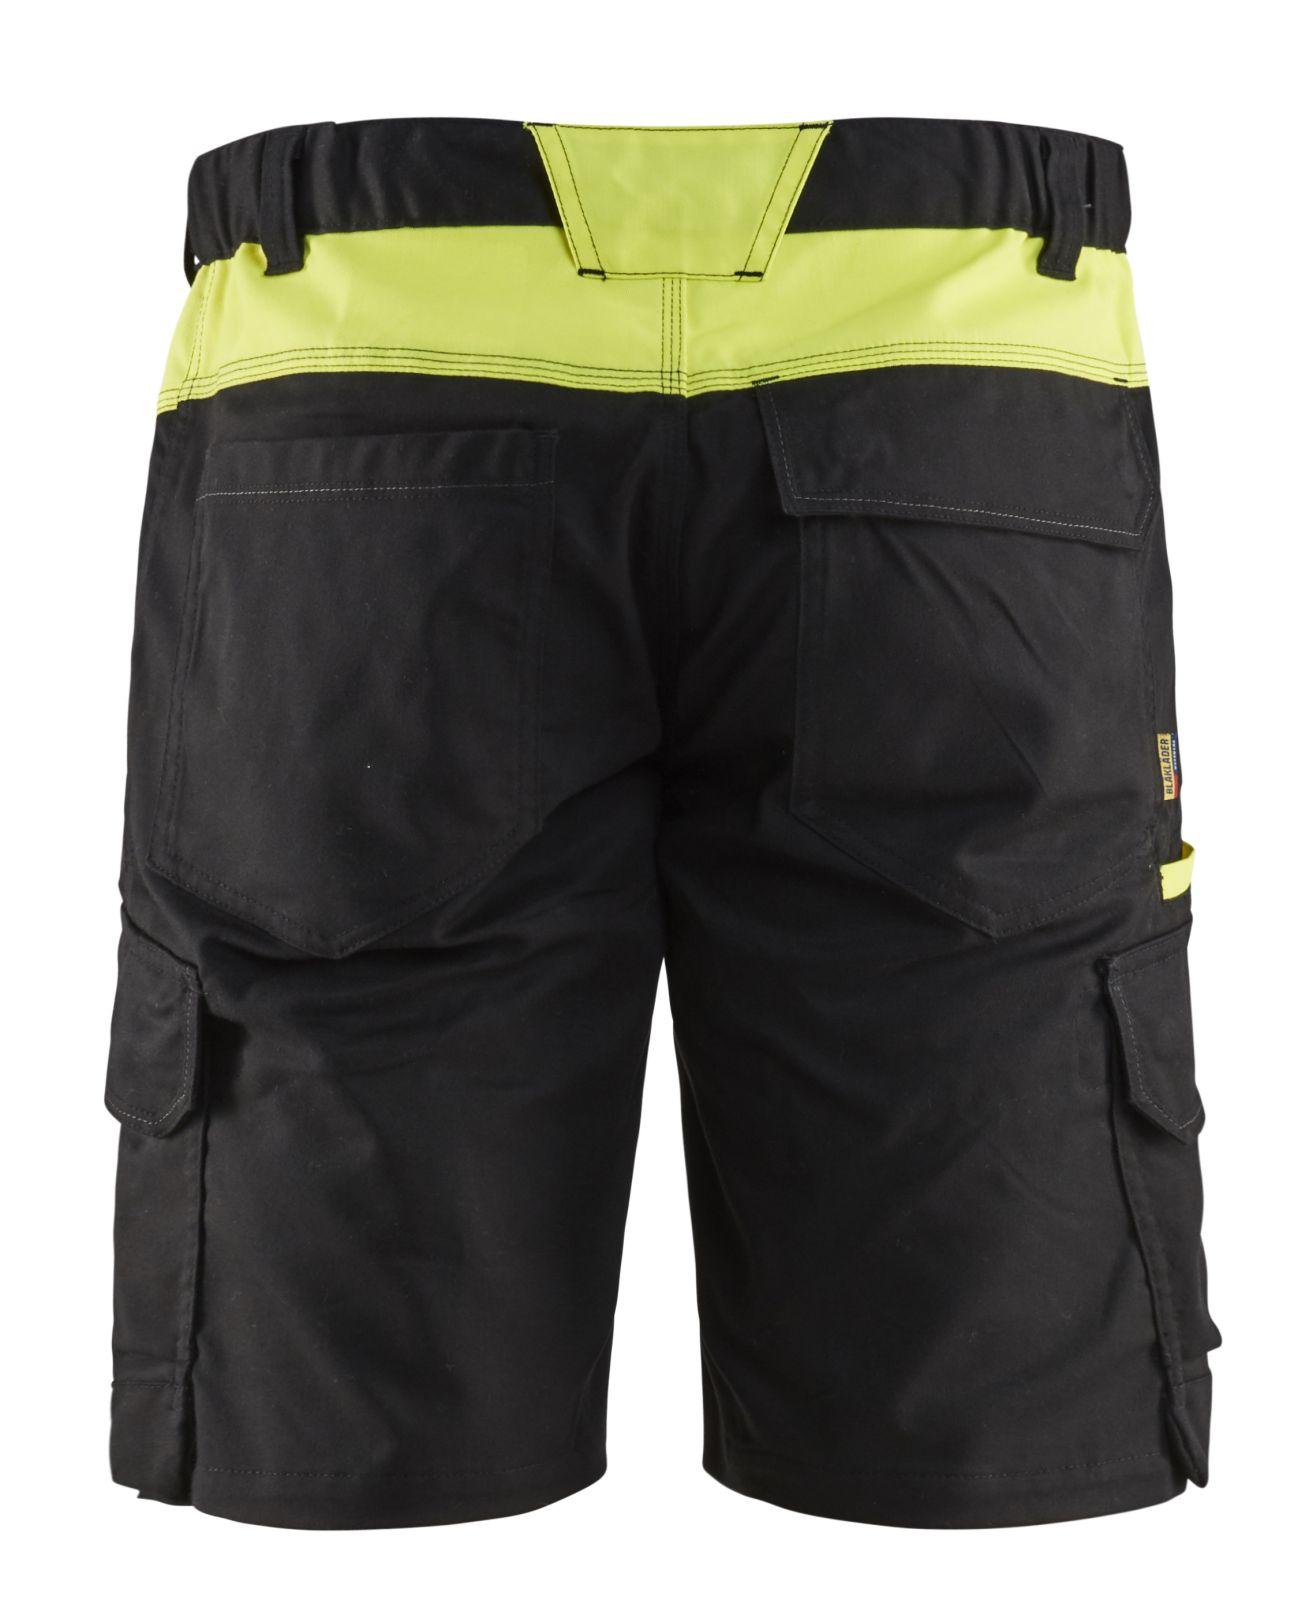 Blaklader Broeken 14461832 zwart-fluo geel(9933)